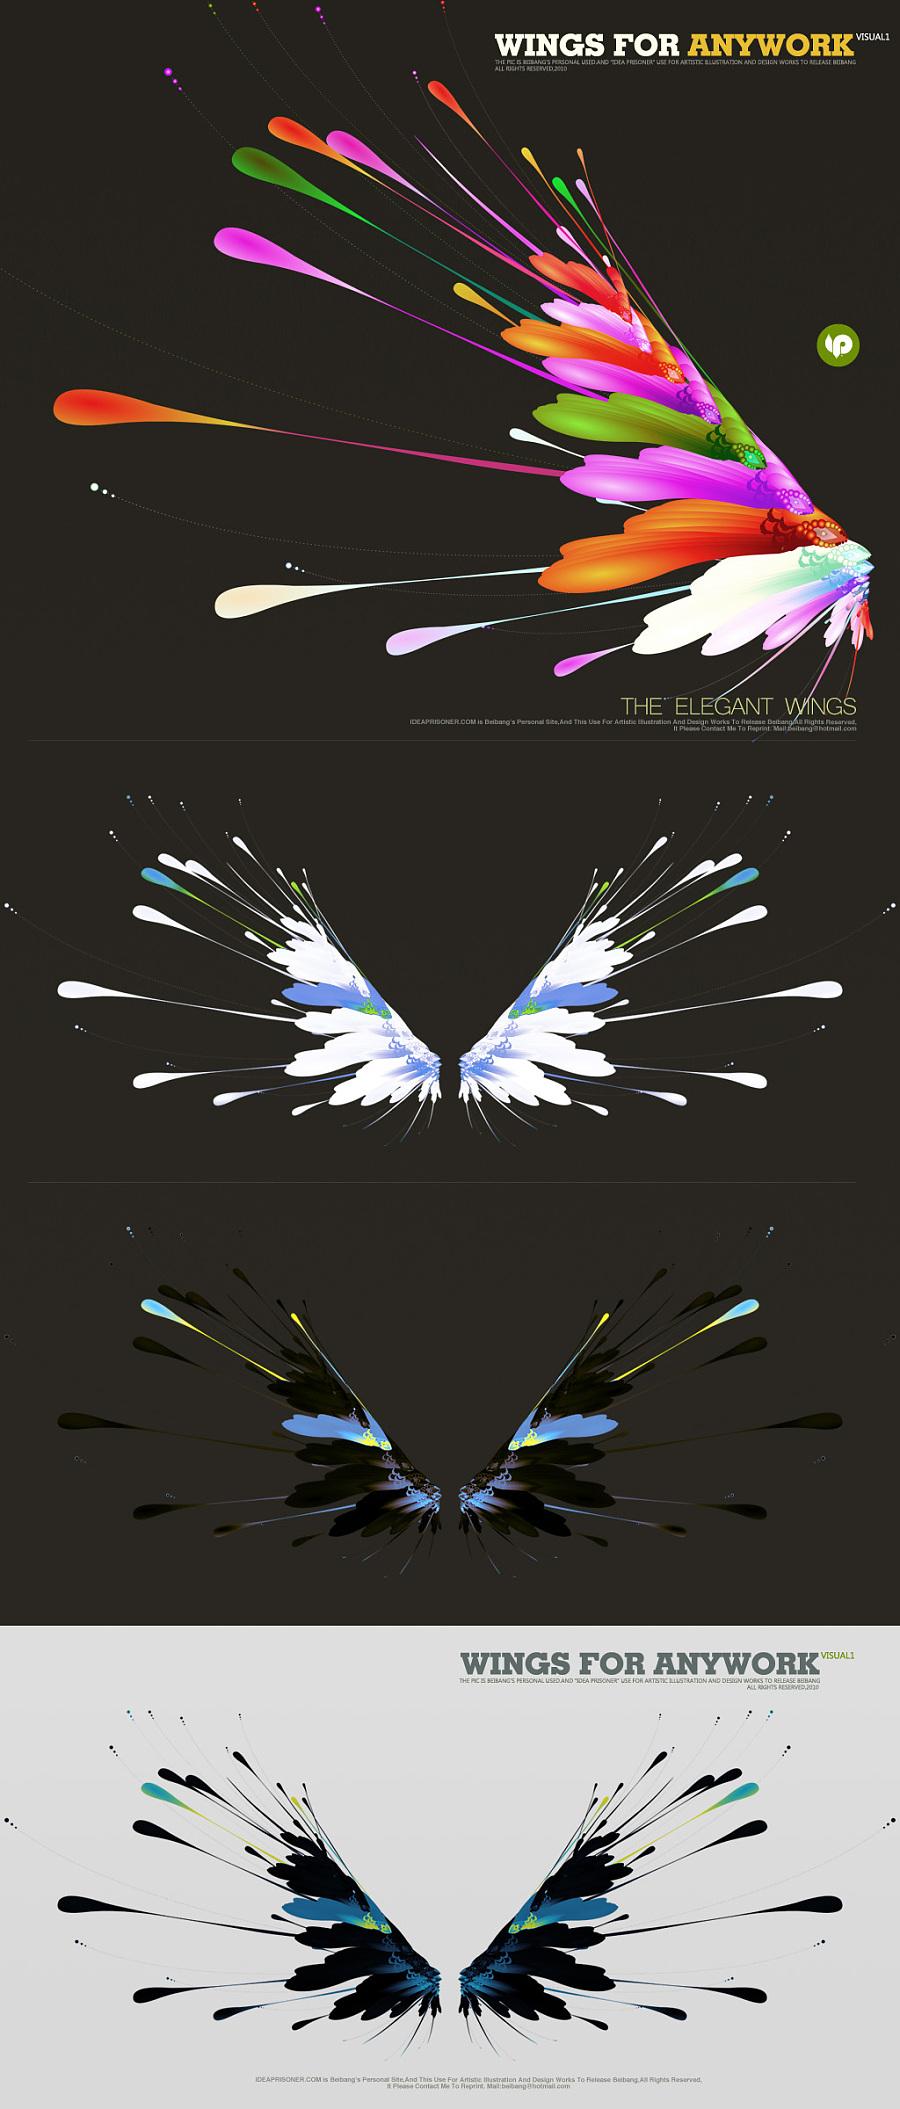 查看《自由之翼》原图,原图尺寸:1024x2400